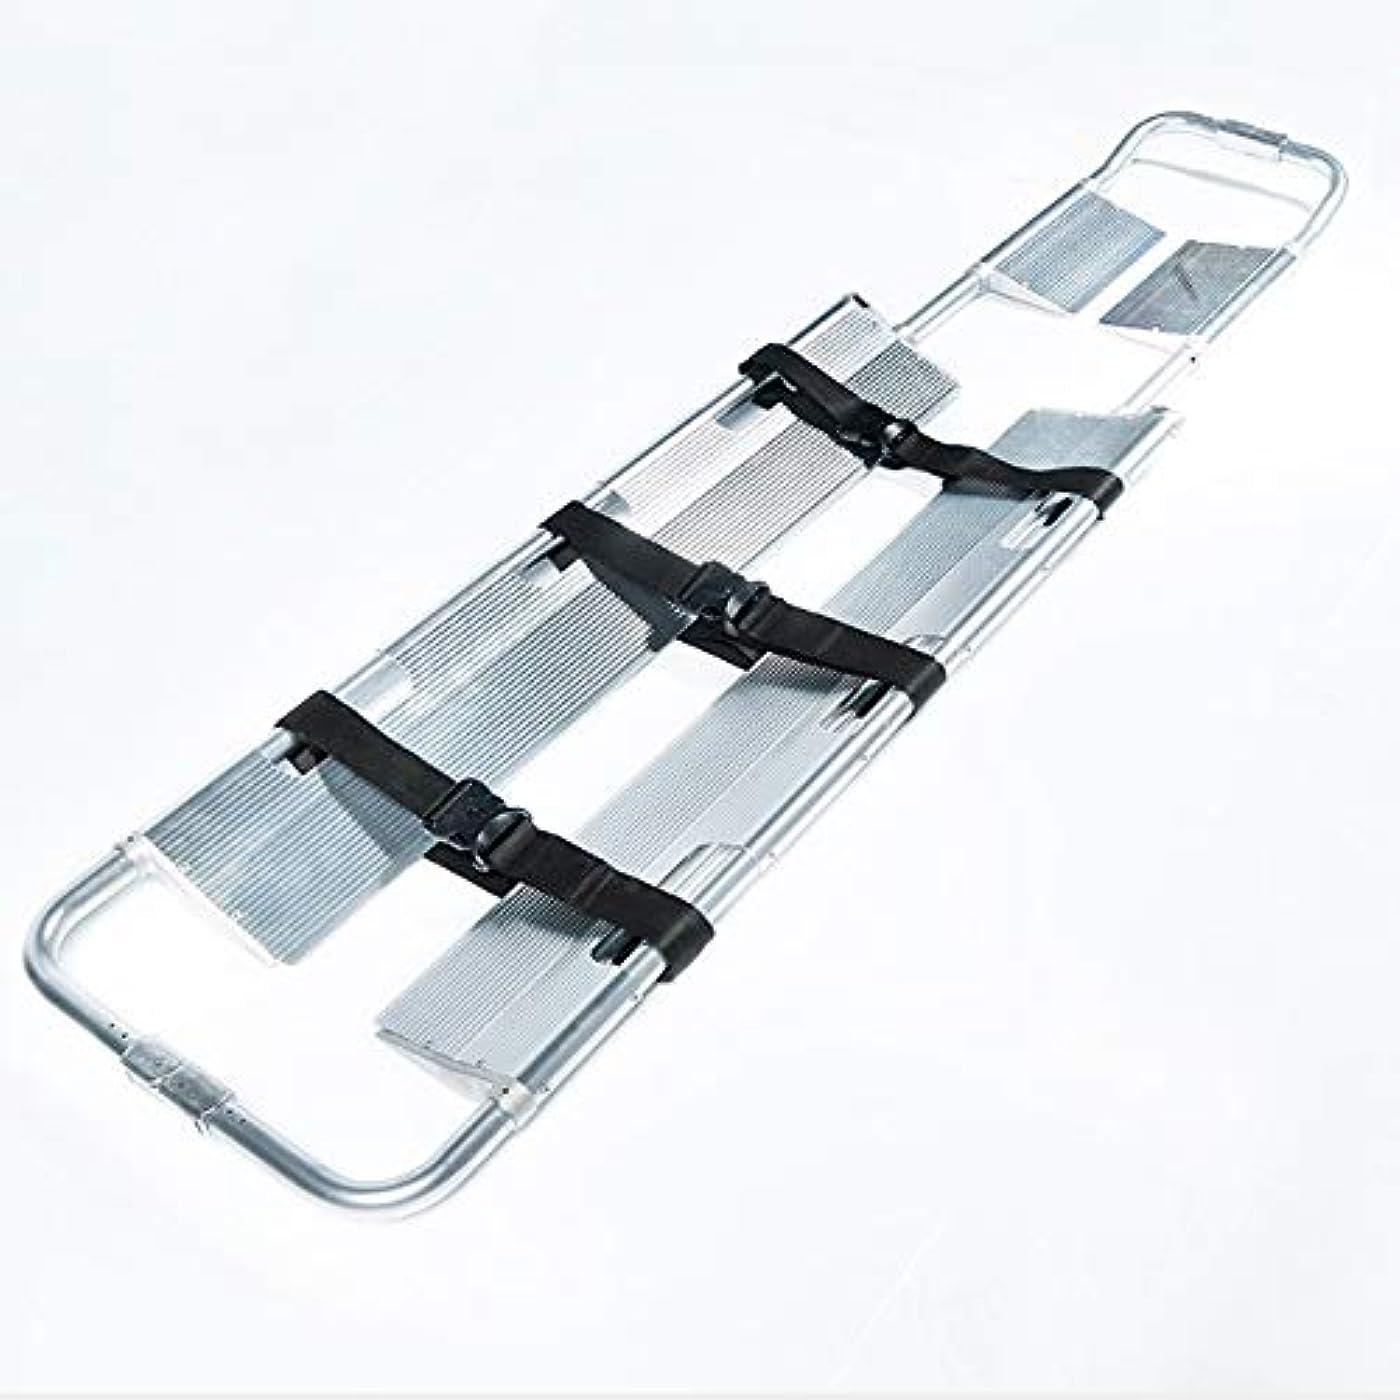 インフルエンザ上昇ホールド整形外科用ストレッチャー救急車プロファイルストレッチャー用ストラップ (Color : A)